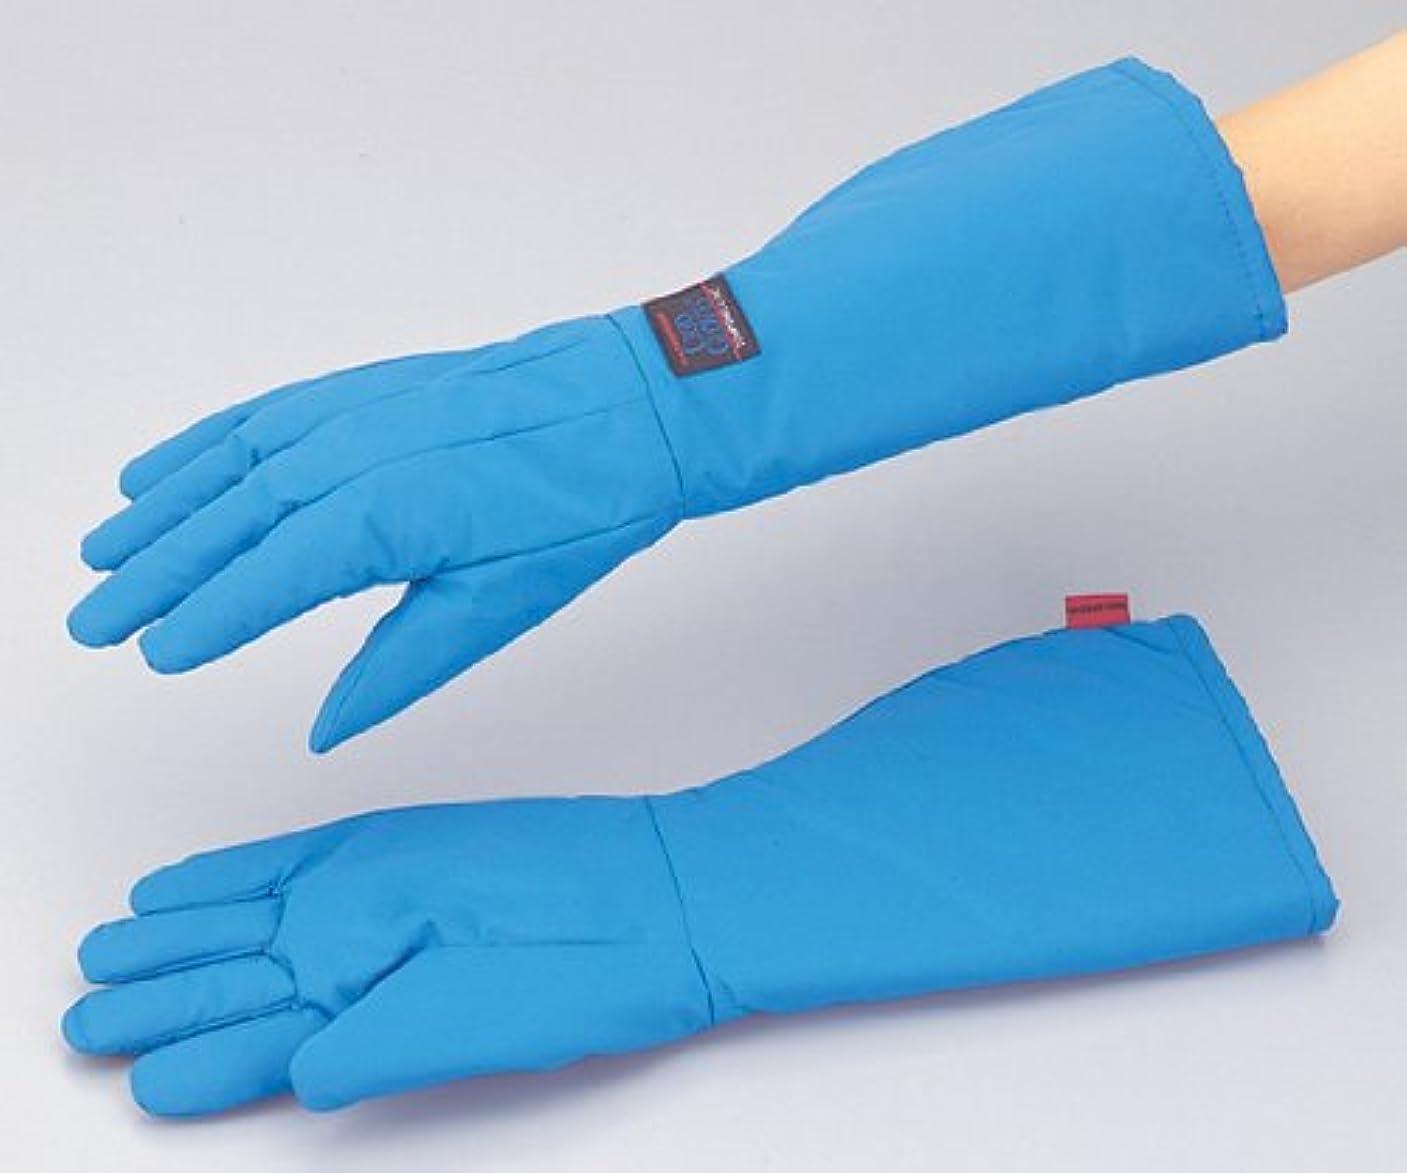 割り当てます倒産東方アイシス1-7970-01耐寒用手袋TS-EBSWPS